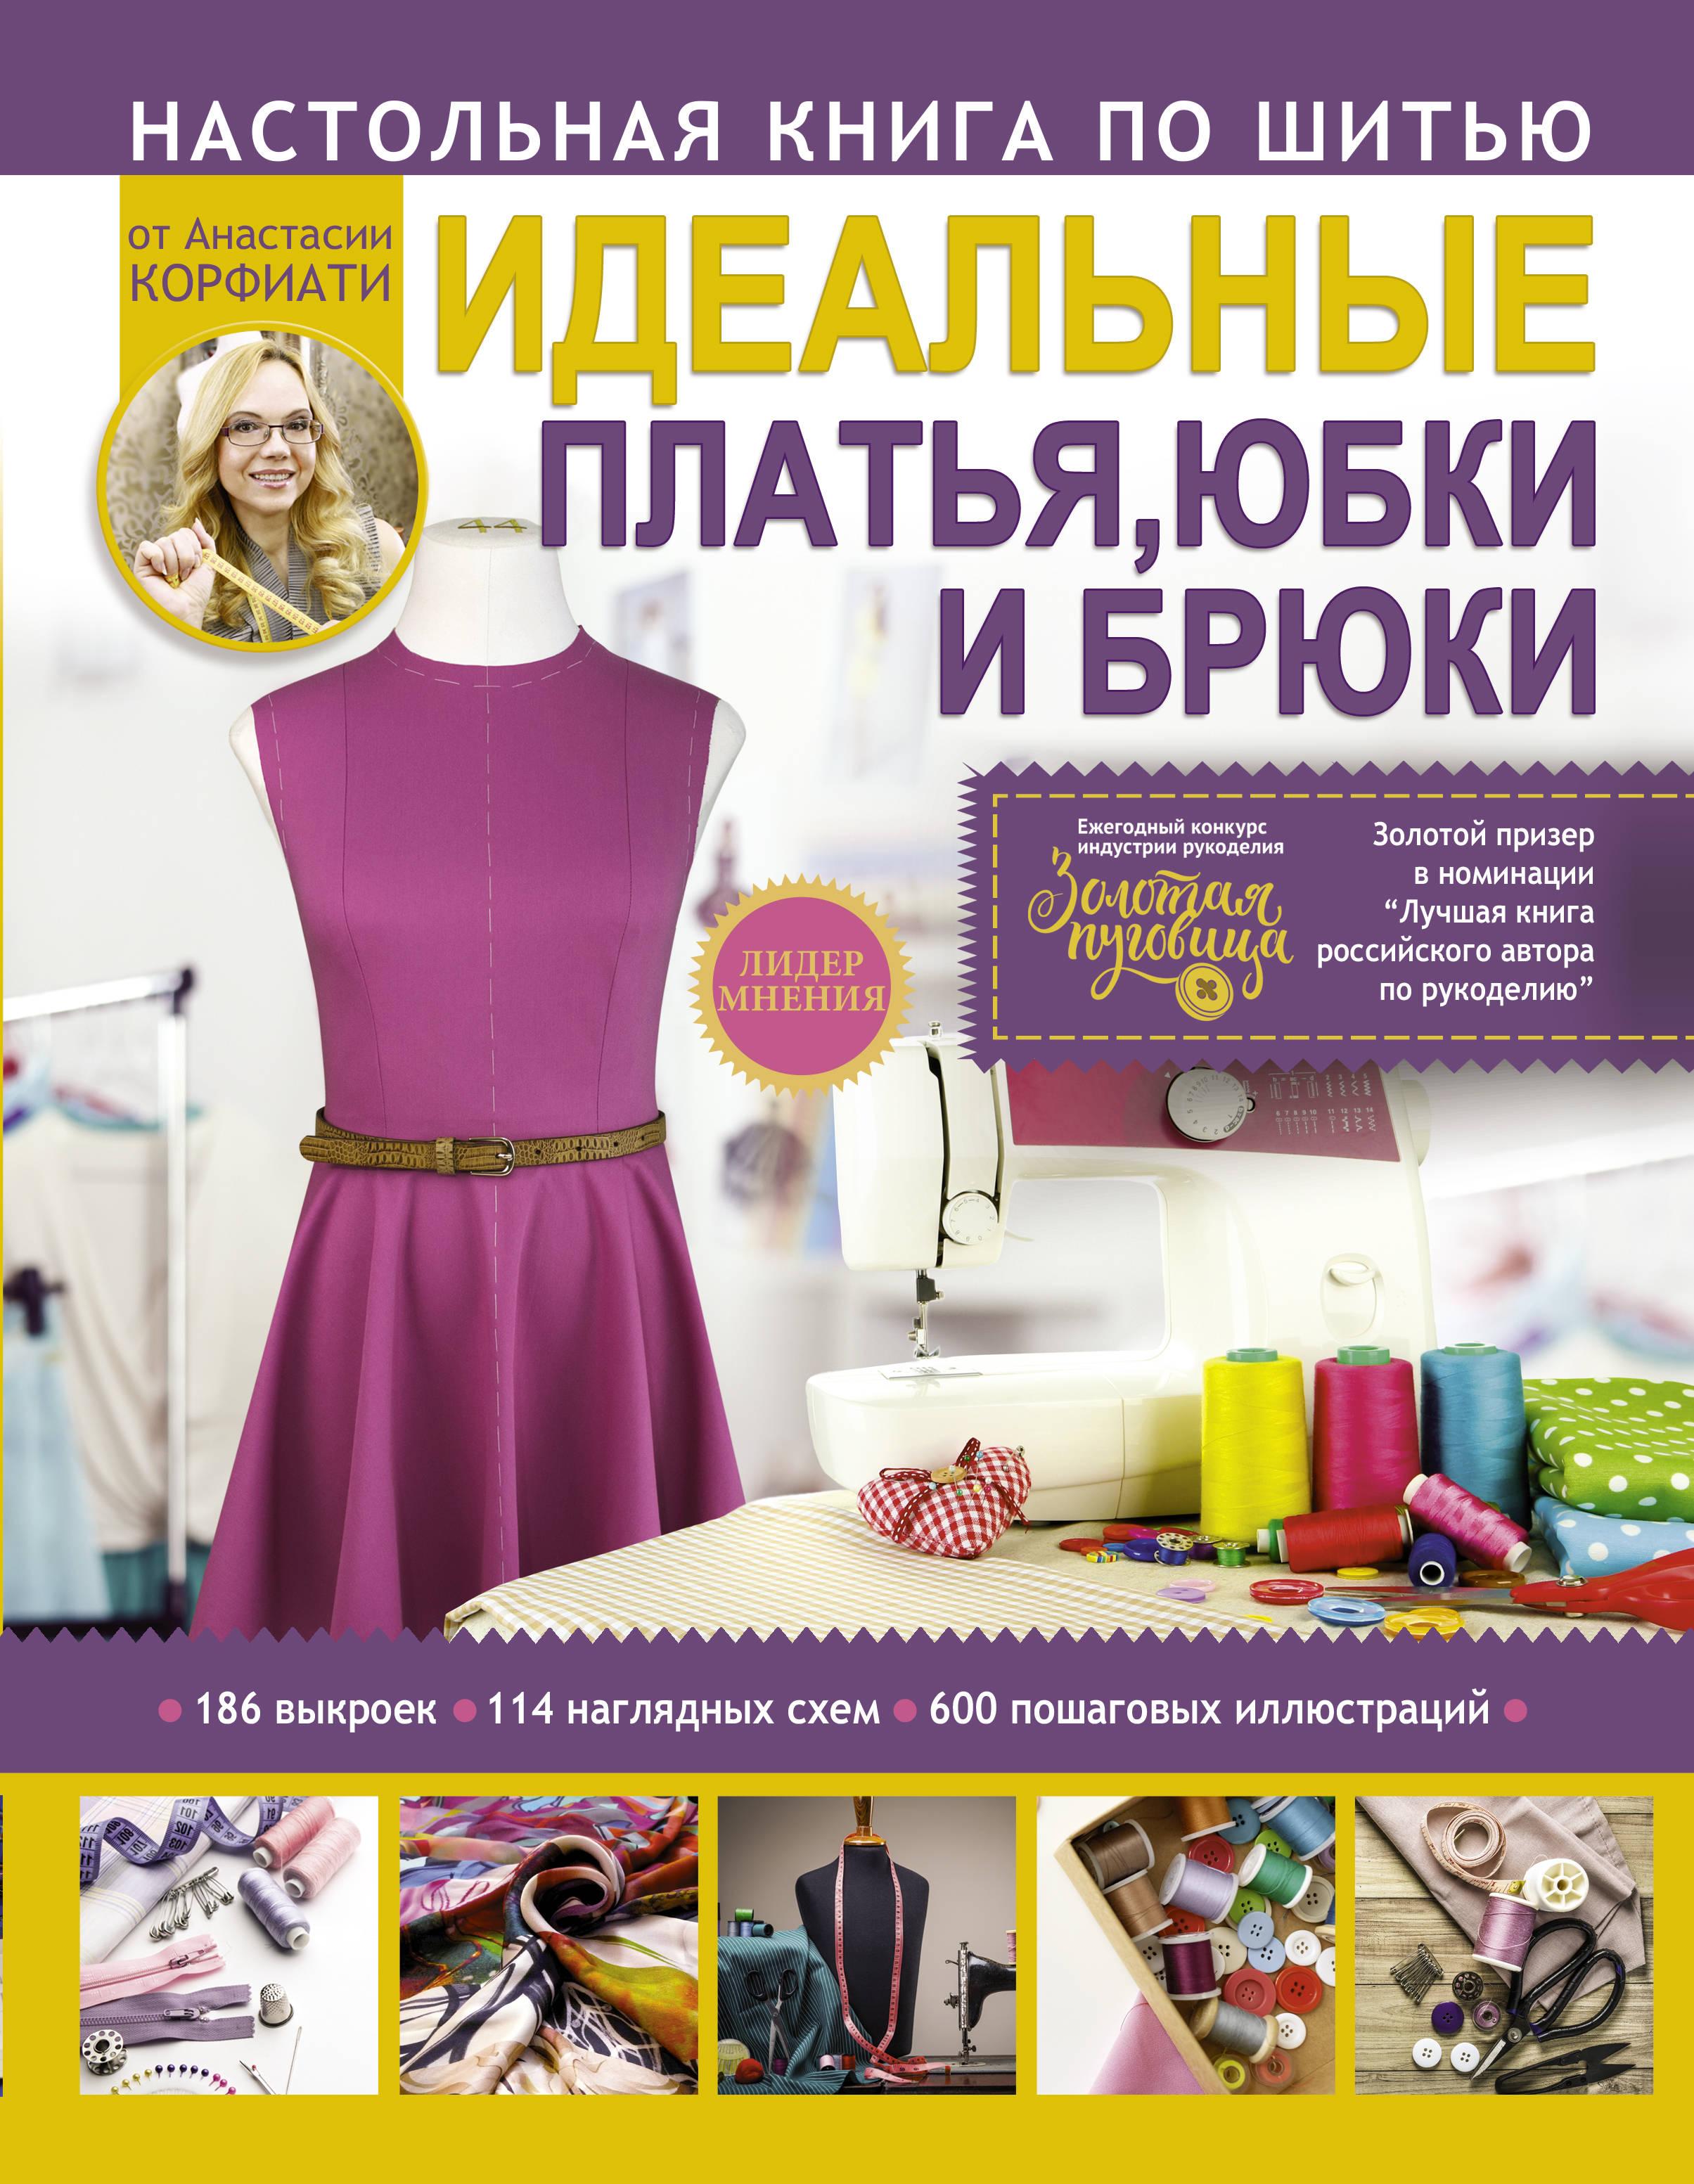 цена Анастасия Корфиати Настольная книга по шитью. Идеальные платья, юбки и брюки онлайн в 2017 году